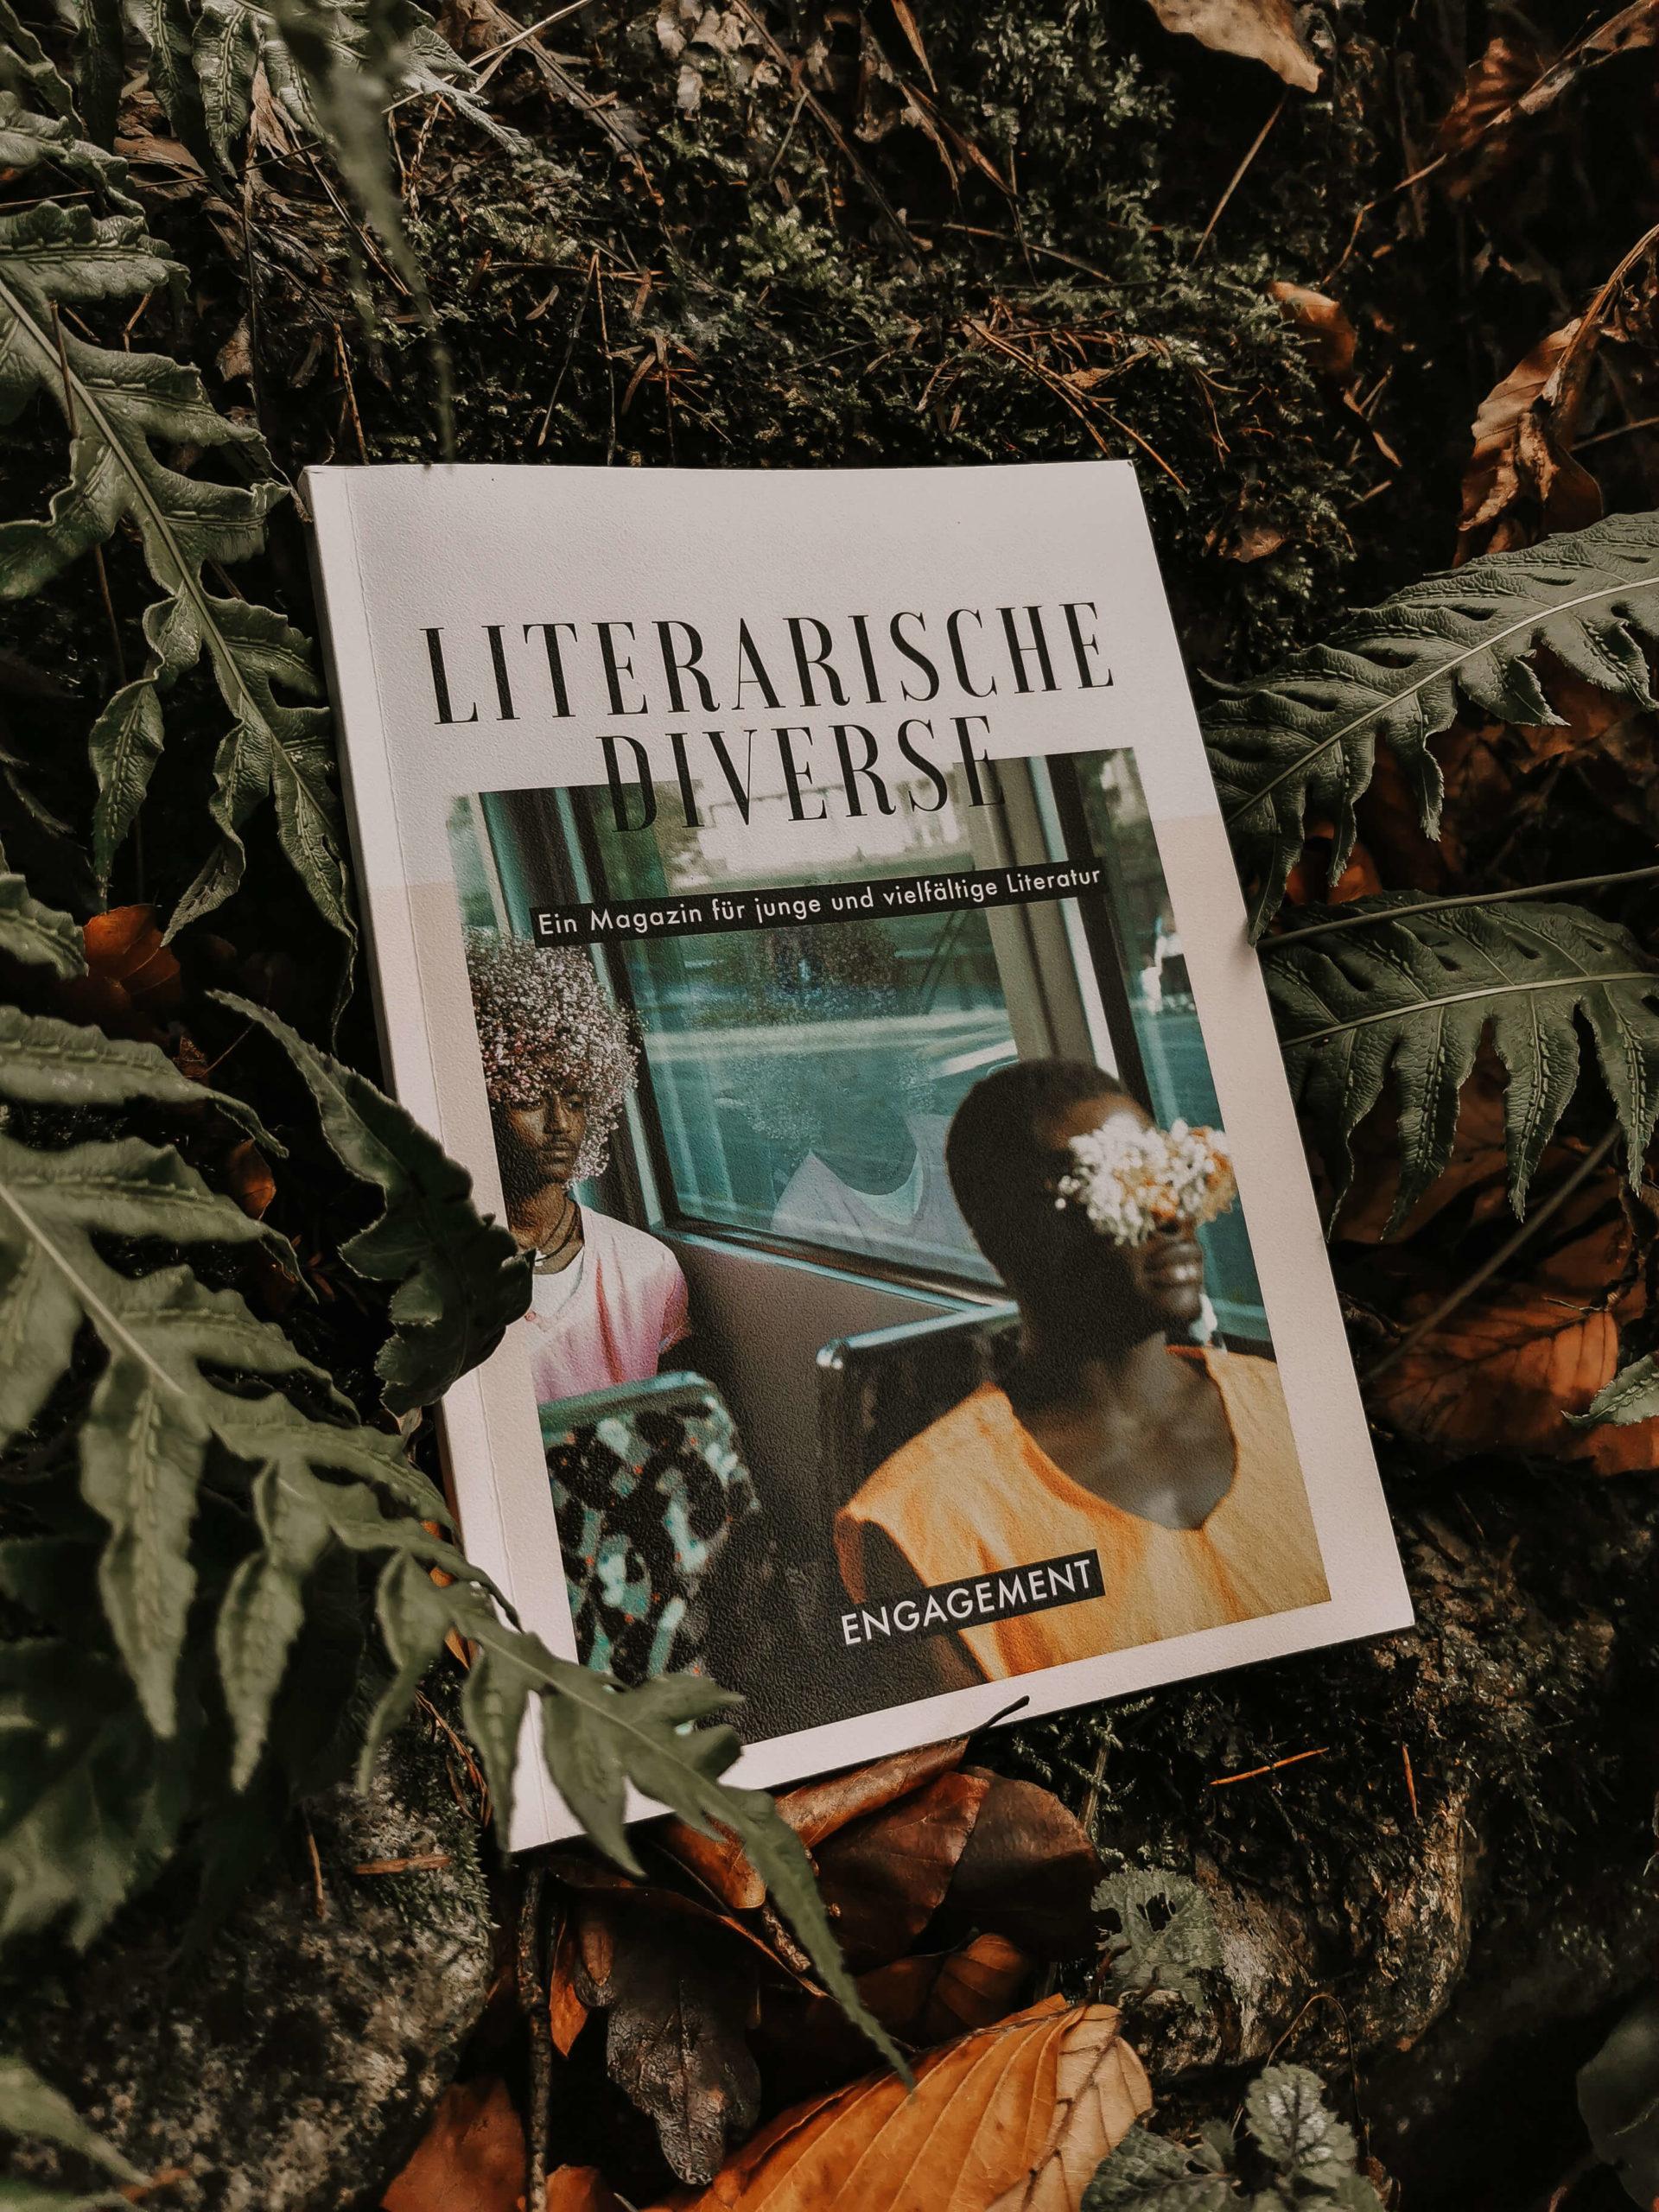 literarische diverse, Literarische Diverse, Literatur Divers, Literatur Magazin, Magazin für Literatur, Magazin junge Literatur, Lesen, Lesen diverse Literatur